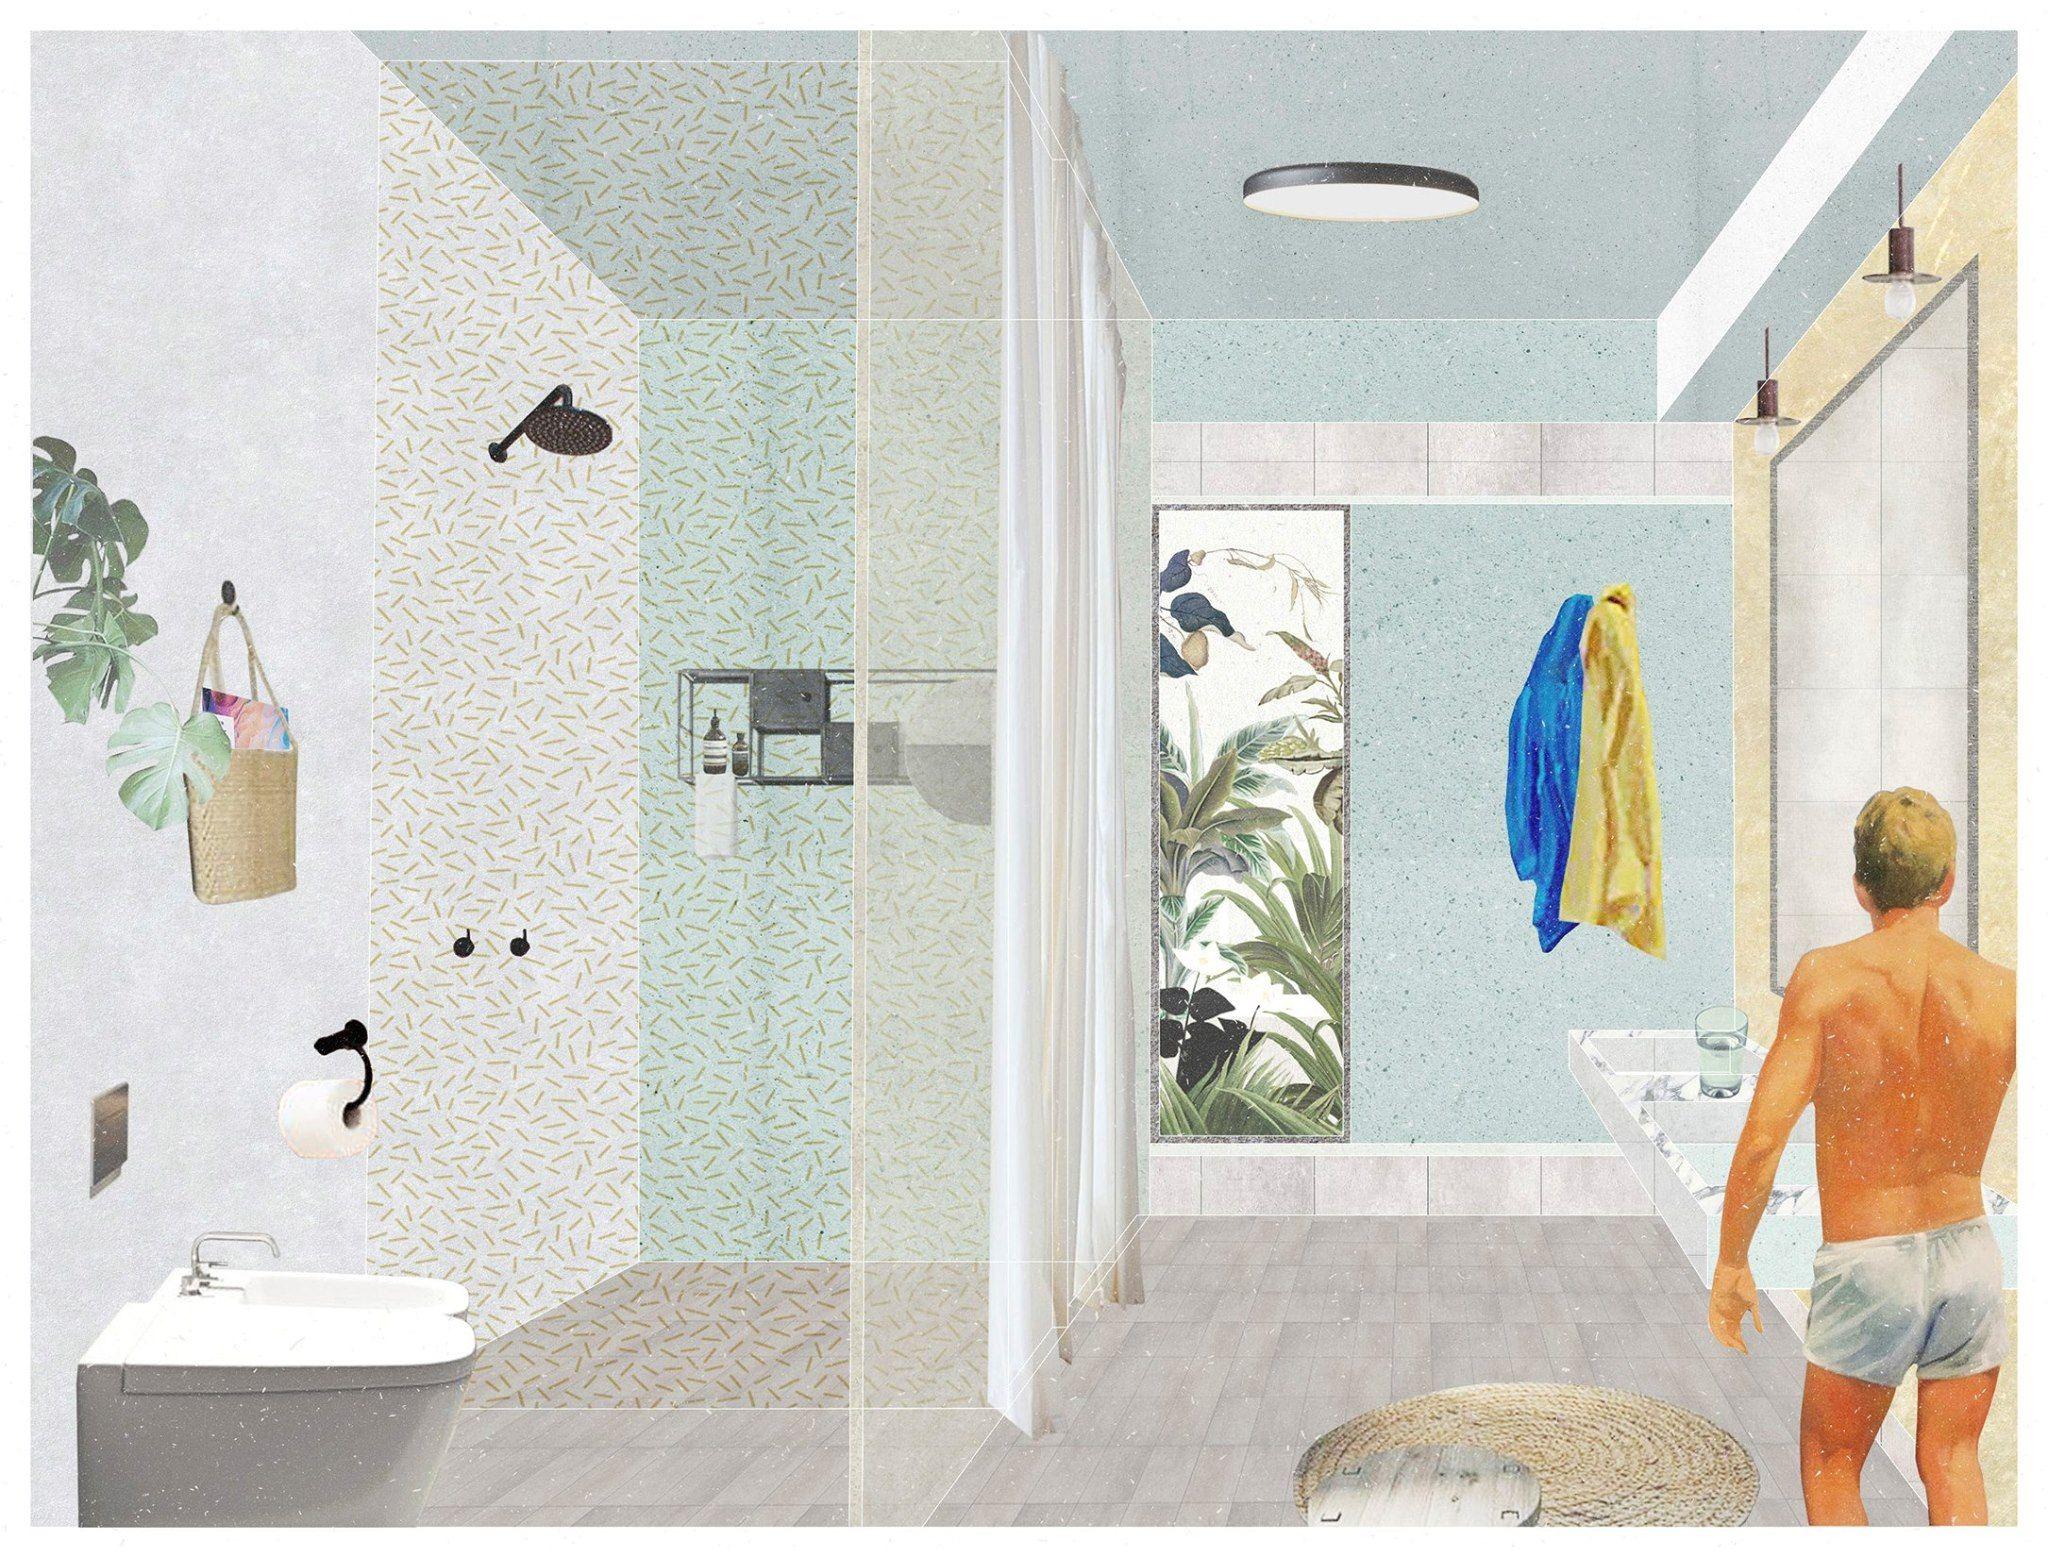 Vintage Bathroom Illustration Architecture Bathroom